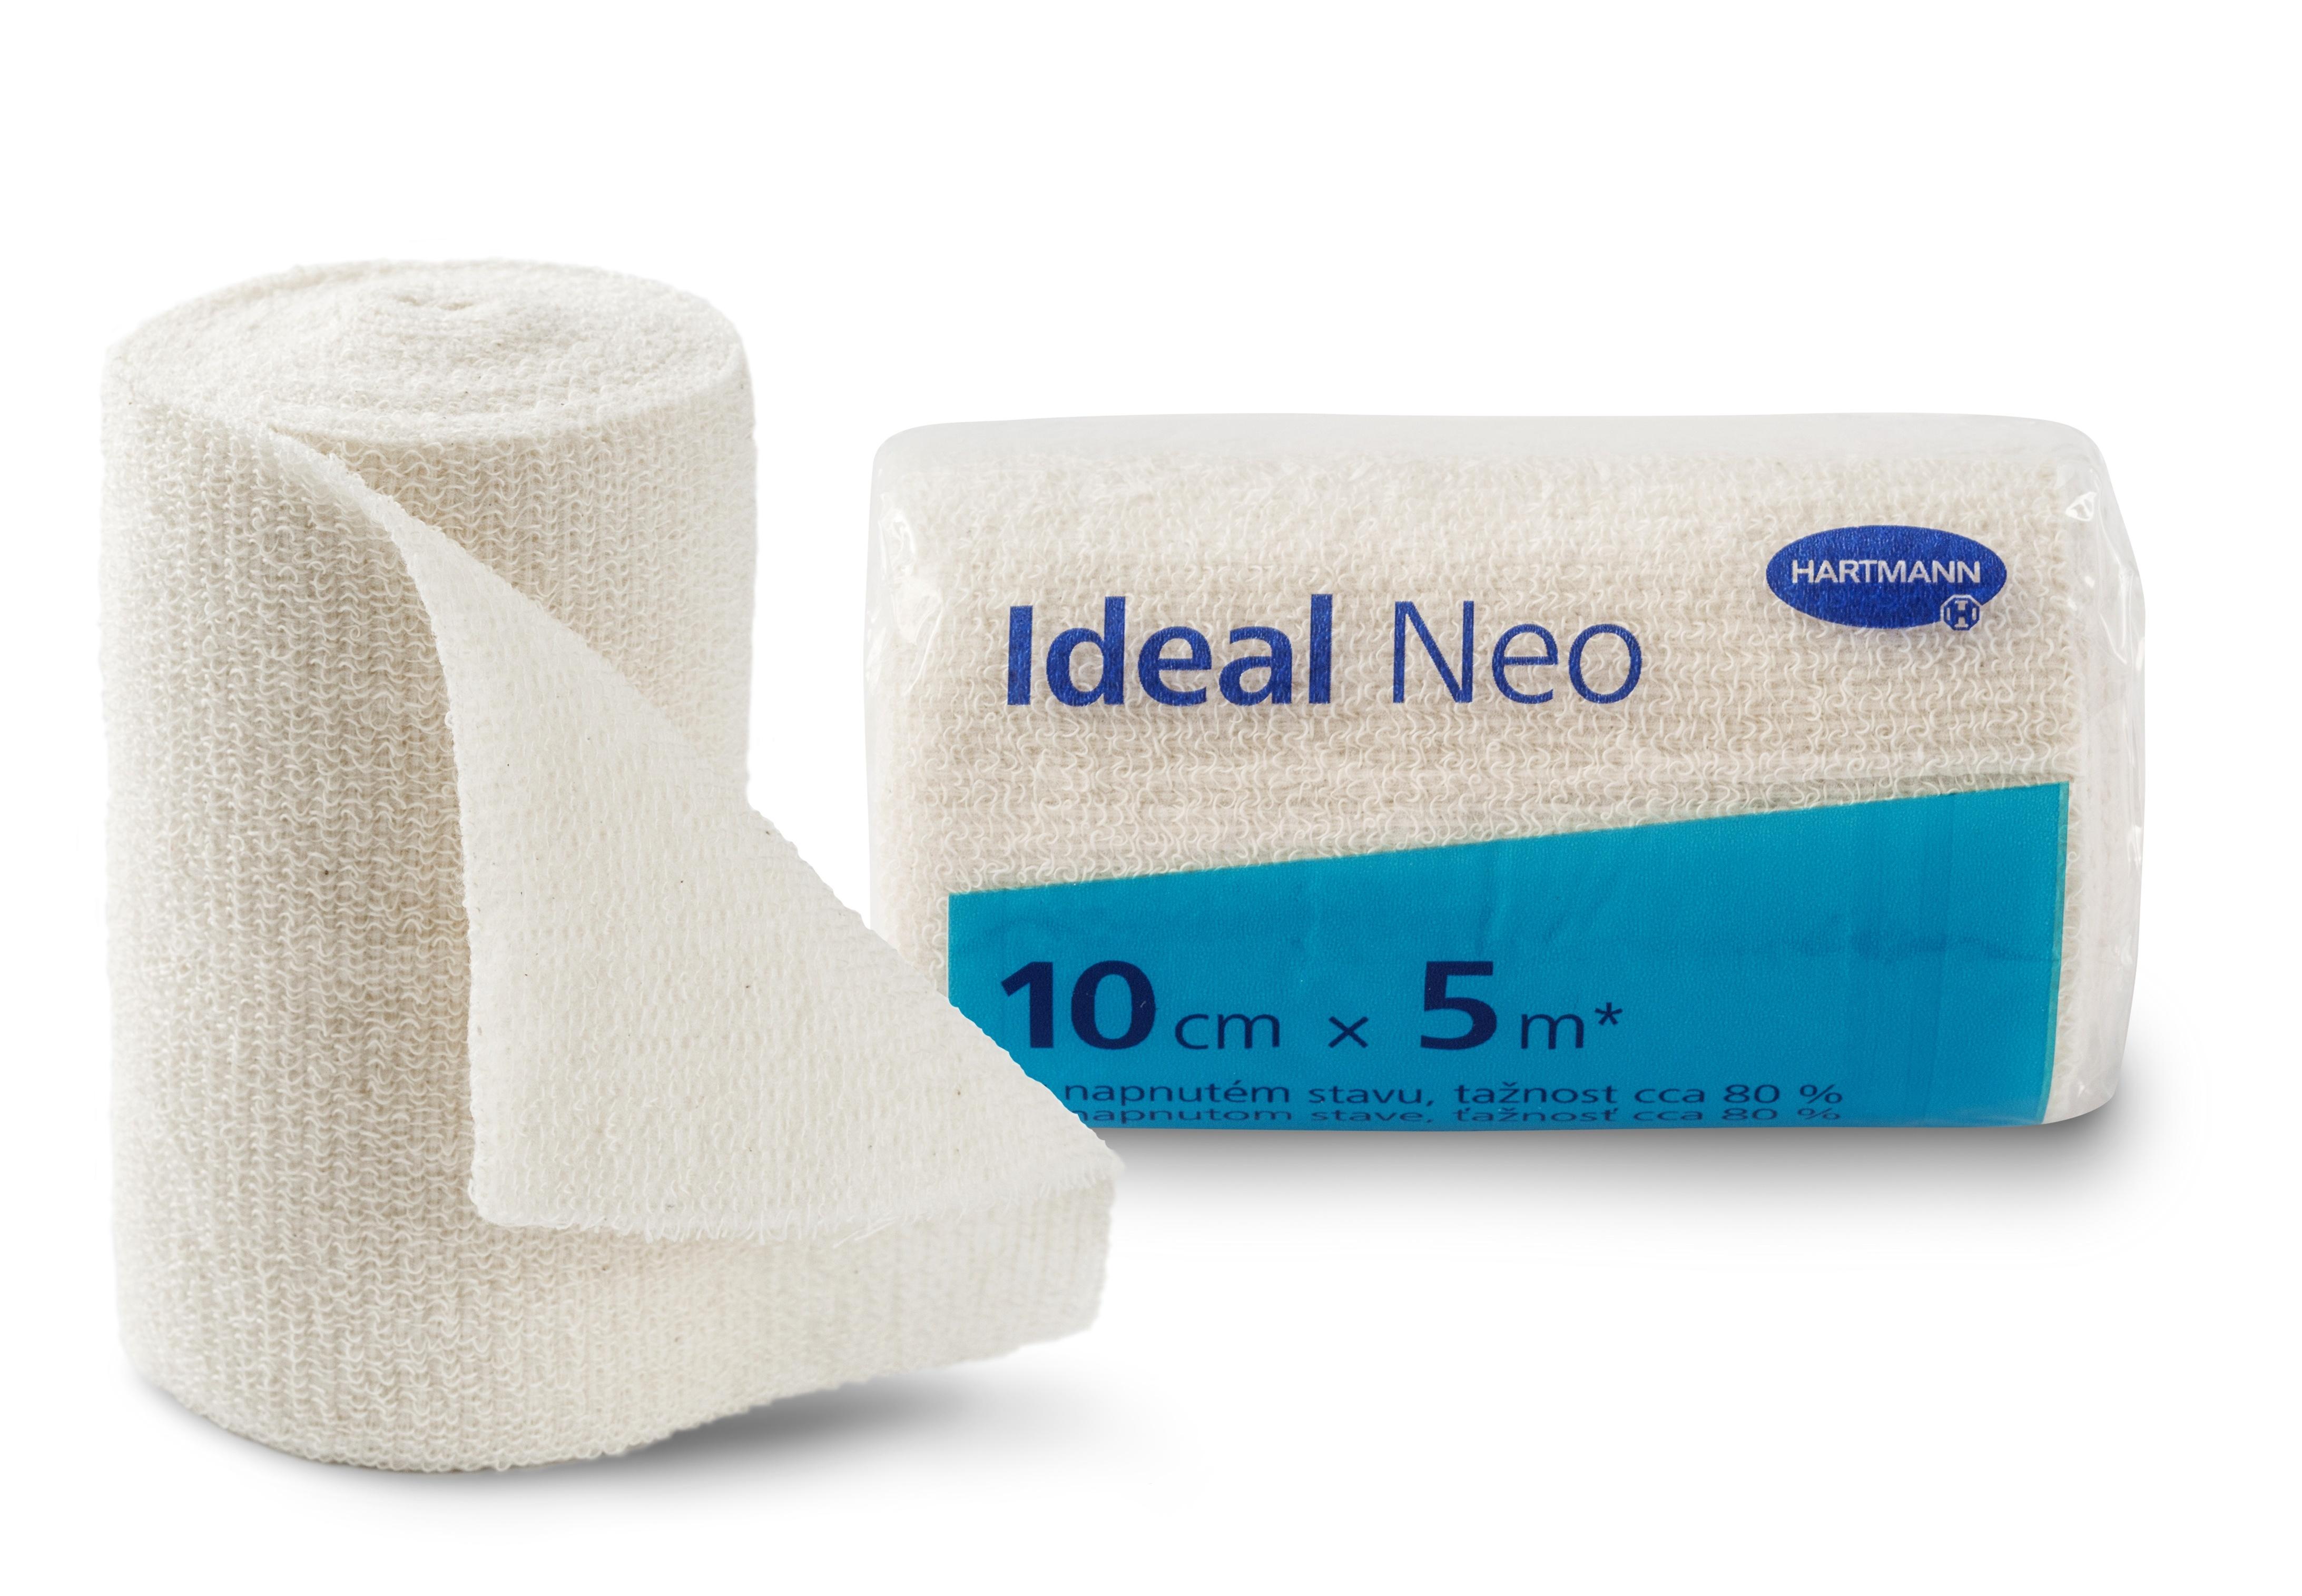 Elastické obinadlo Ideal Neo 10 cm × 5 m vhodné pro ošetřování onemocnění žilního a lymfatického systému